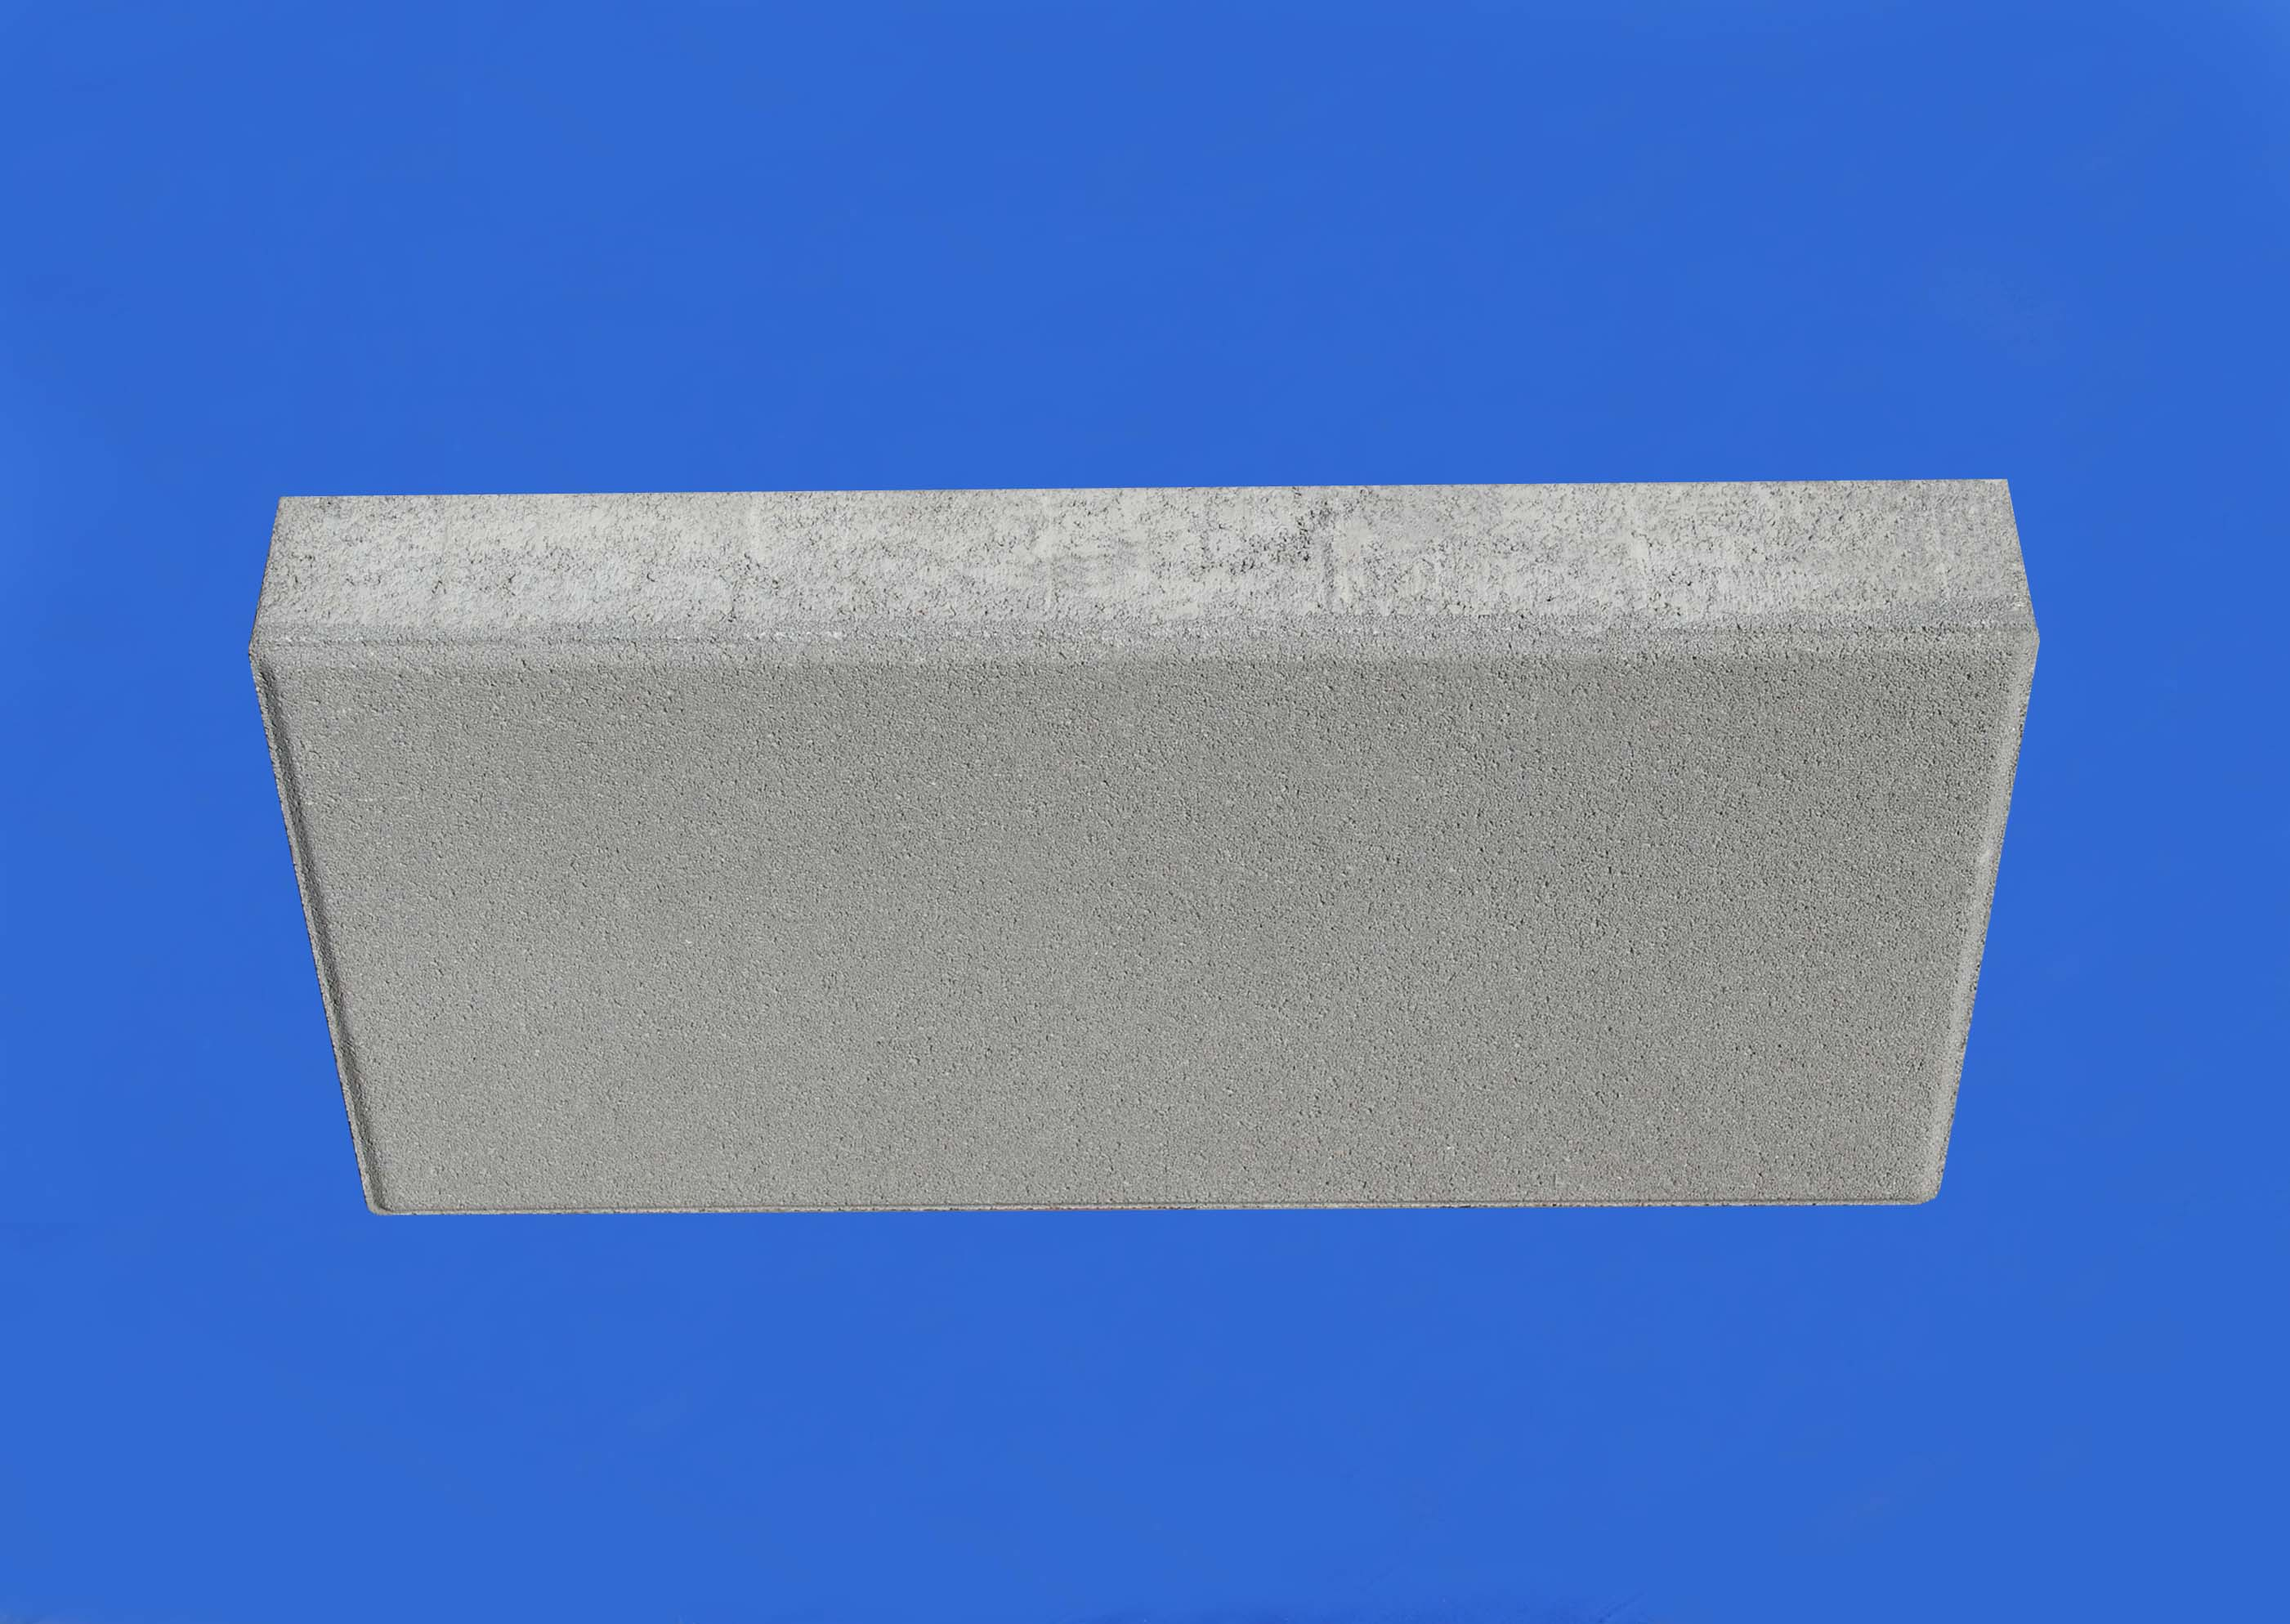 透水砖系列之本色透水条石砖